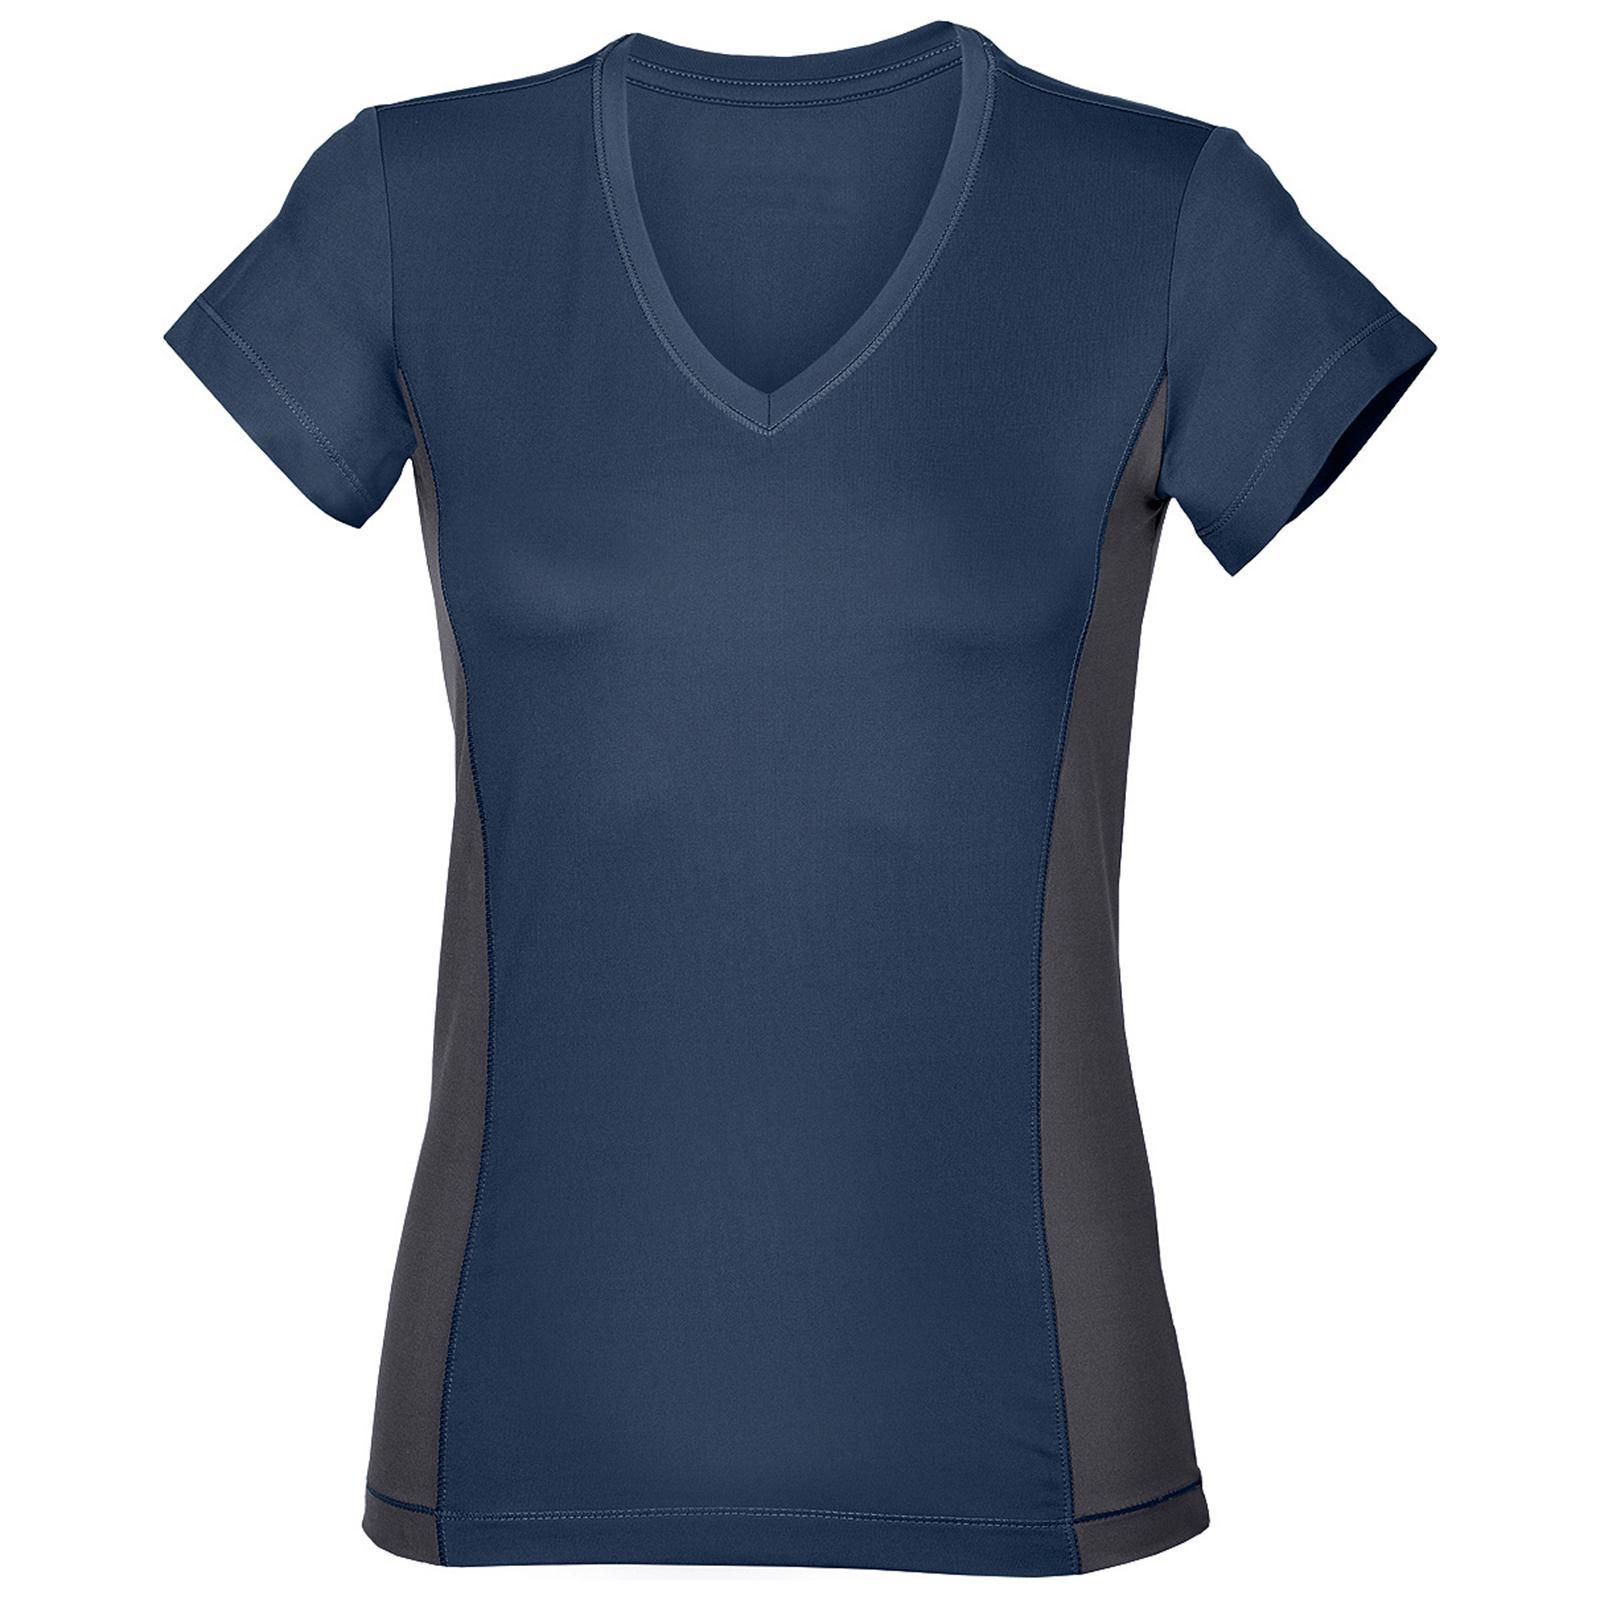 Black t shirt hanes - New Hanes Womens Ladies Sports Gym V Neck